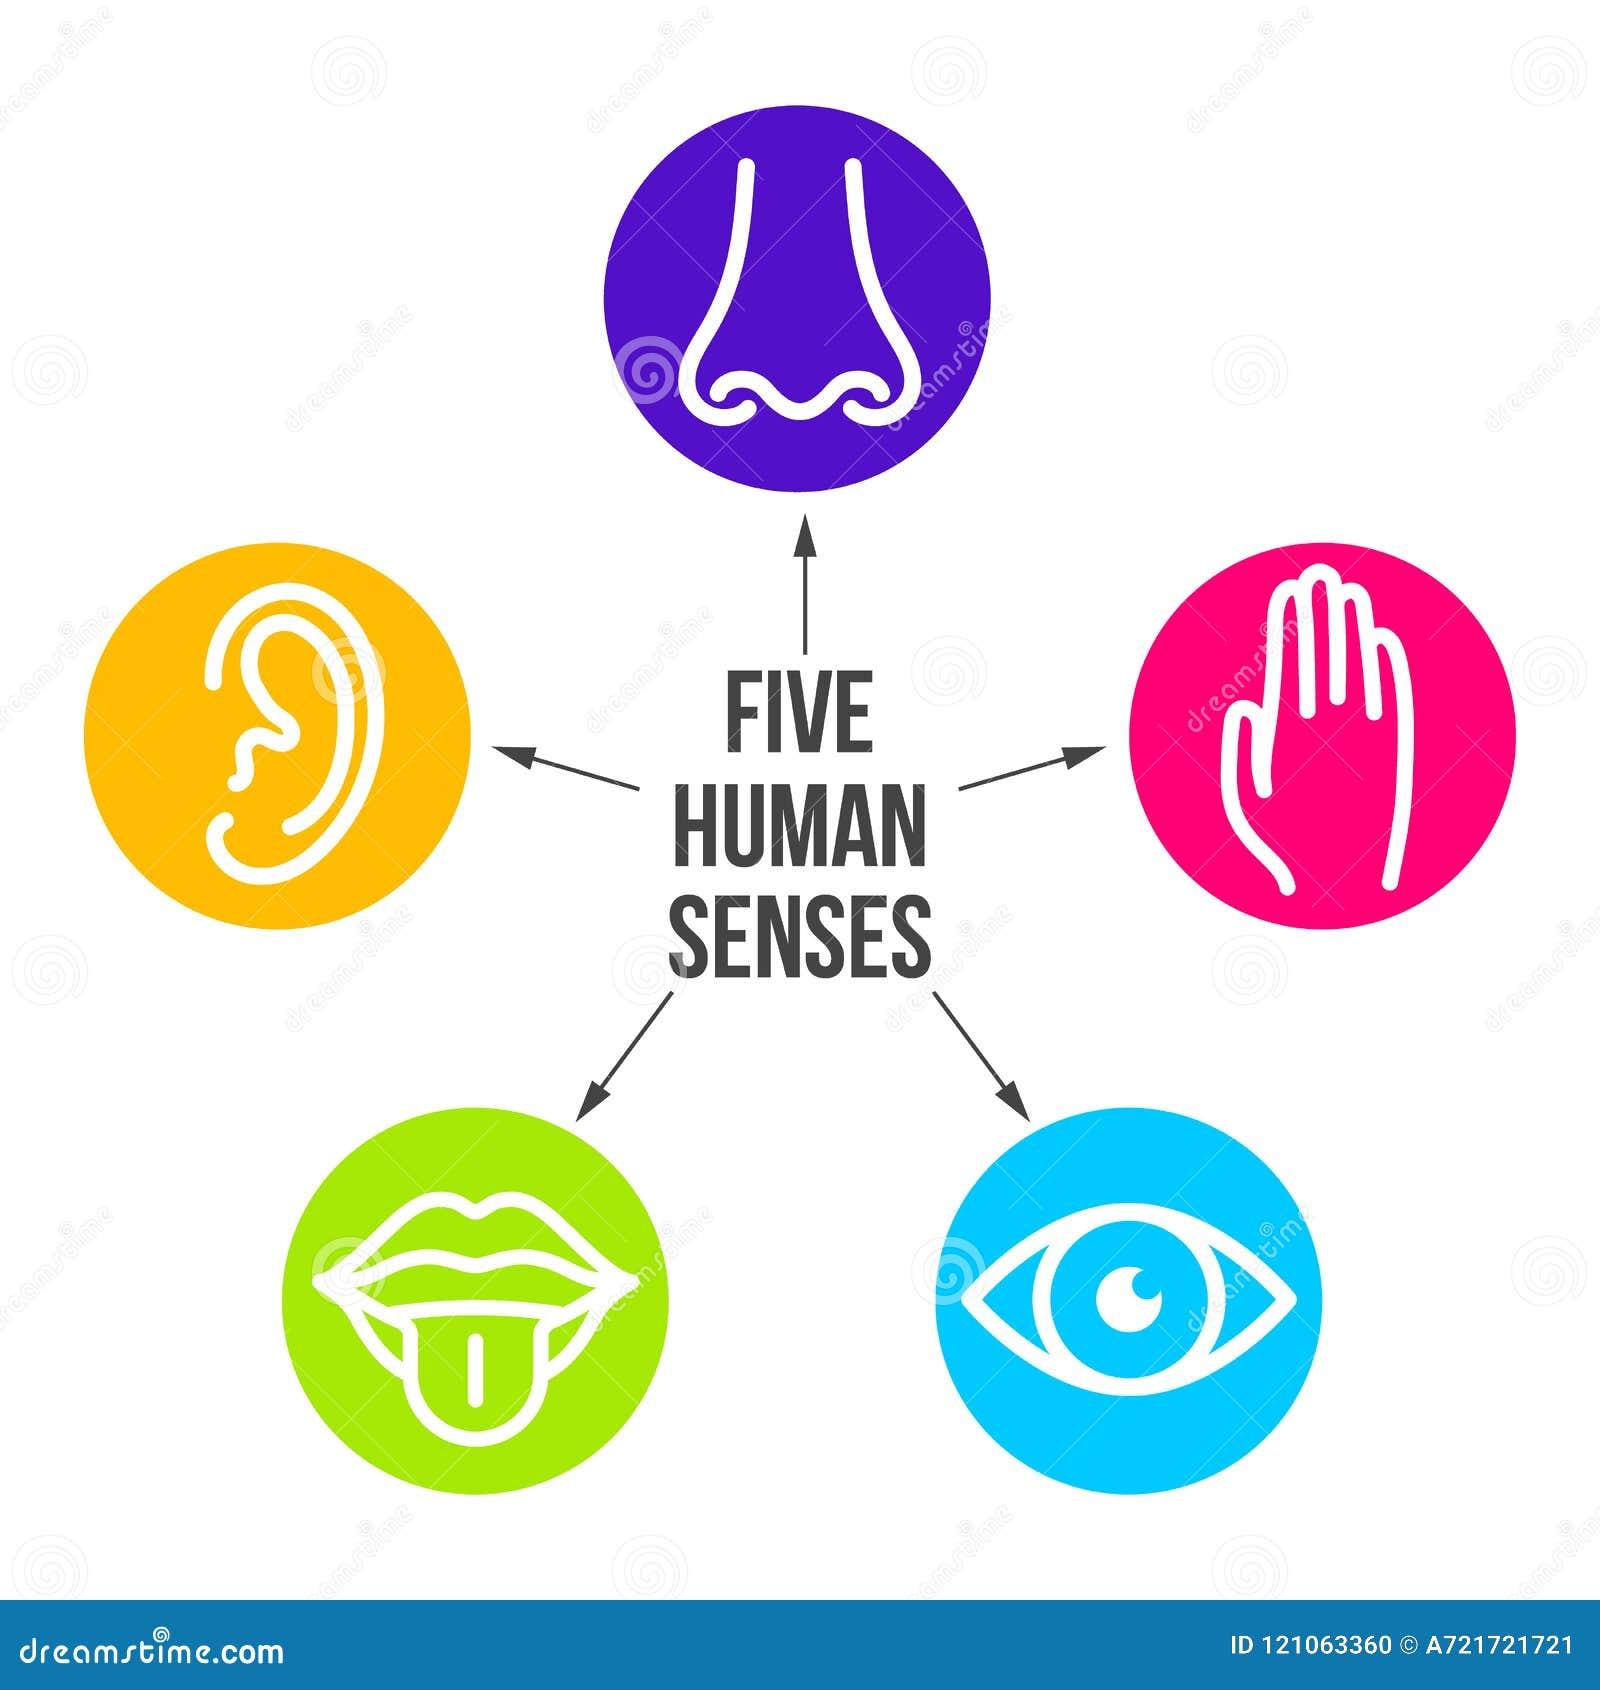 Kreatywnie wektorowa ilustraci linii ikona ustawiająca pięć ludzkich sensów Wzrok, przesłuchanie, odór, dotyk, smak odizolowywają